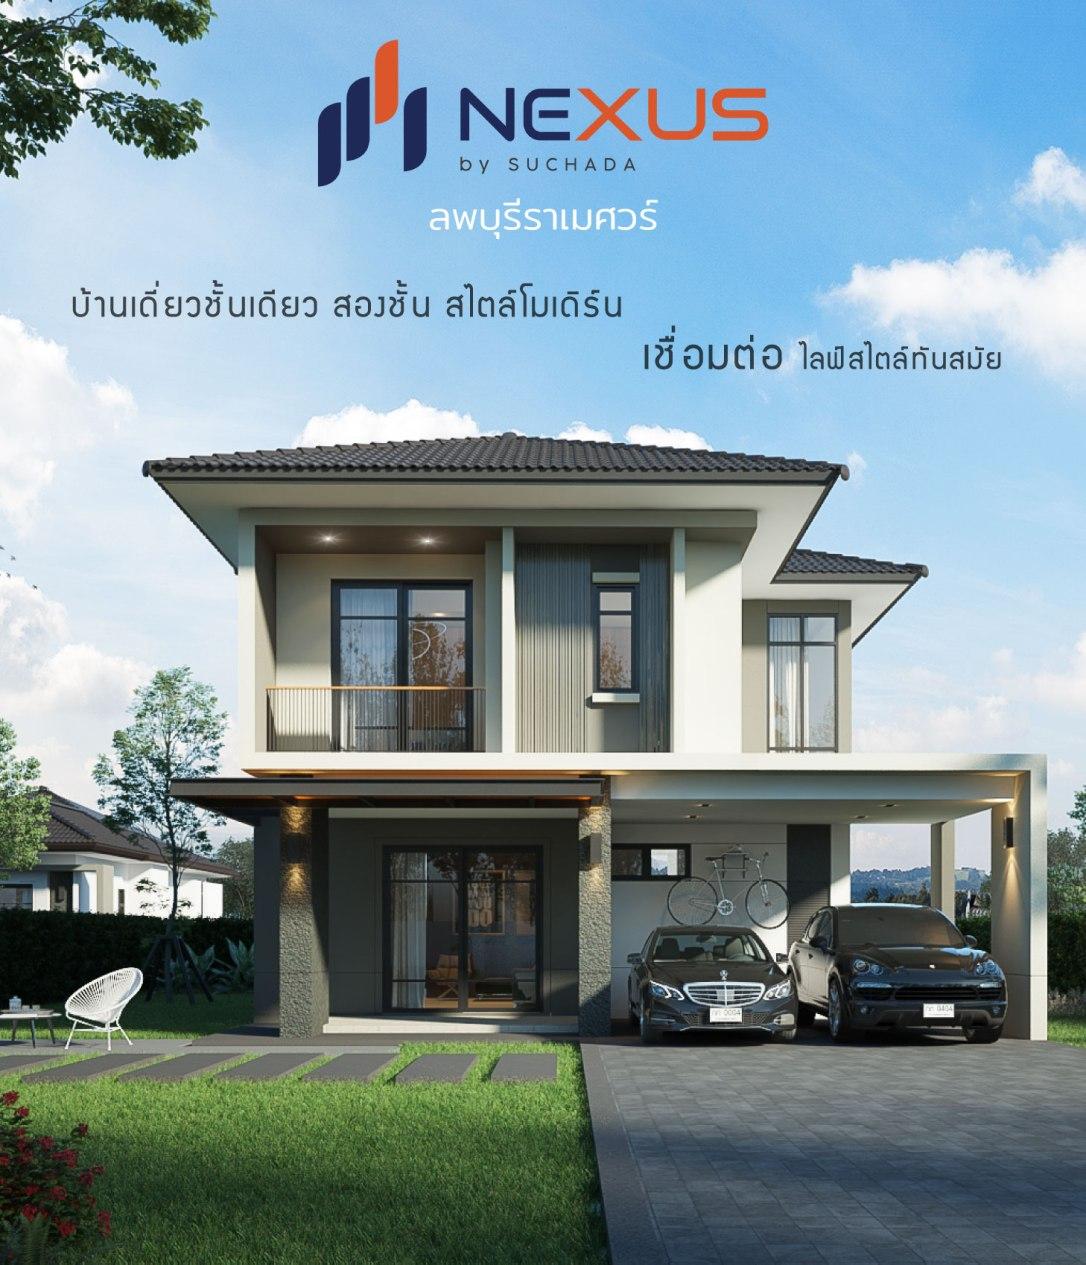 nexus2 vertical-01